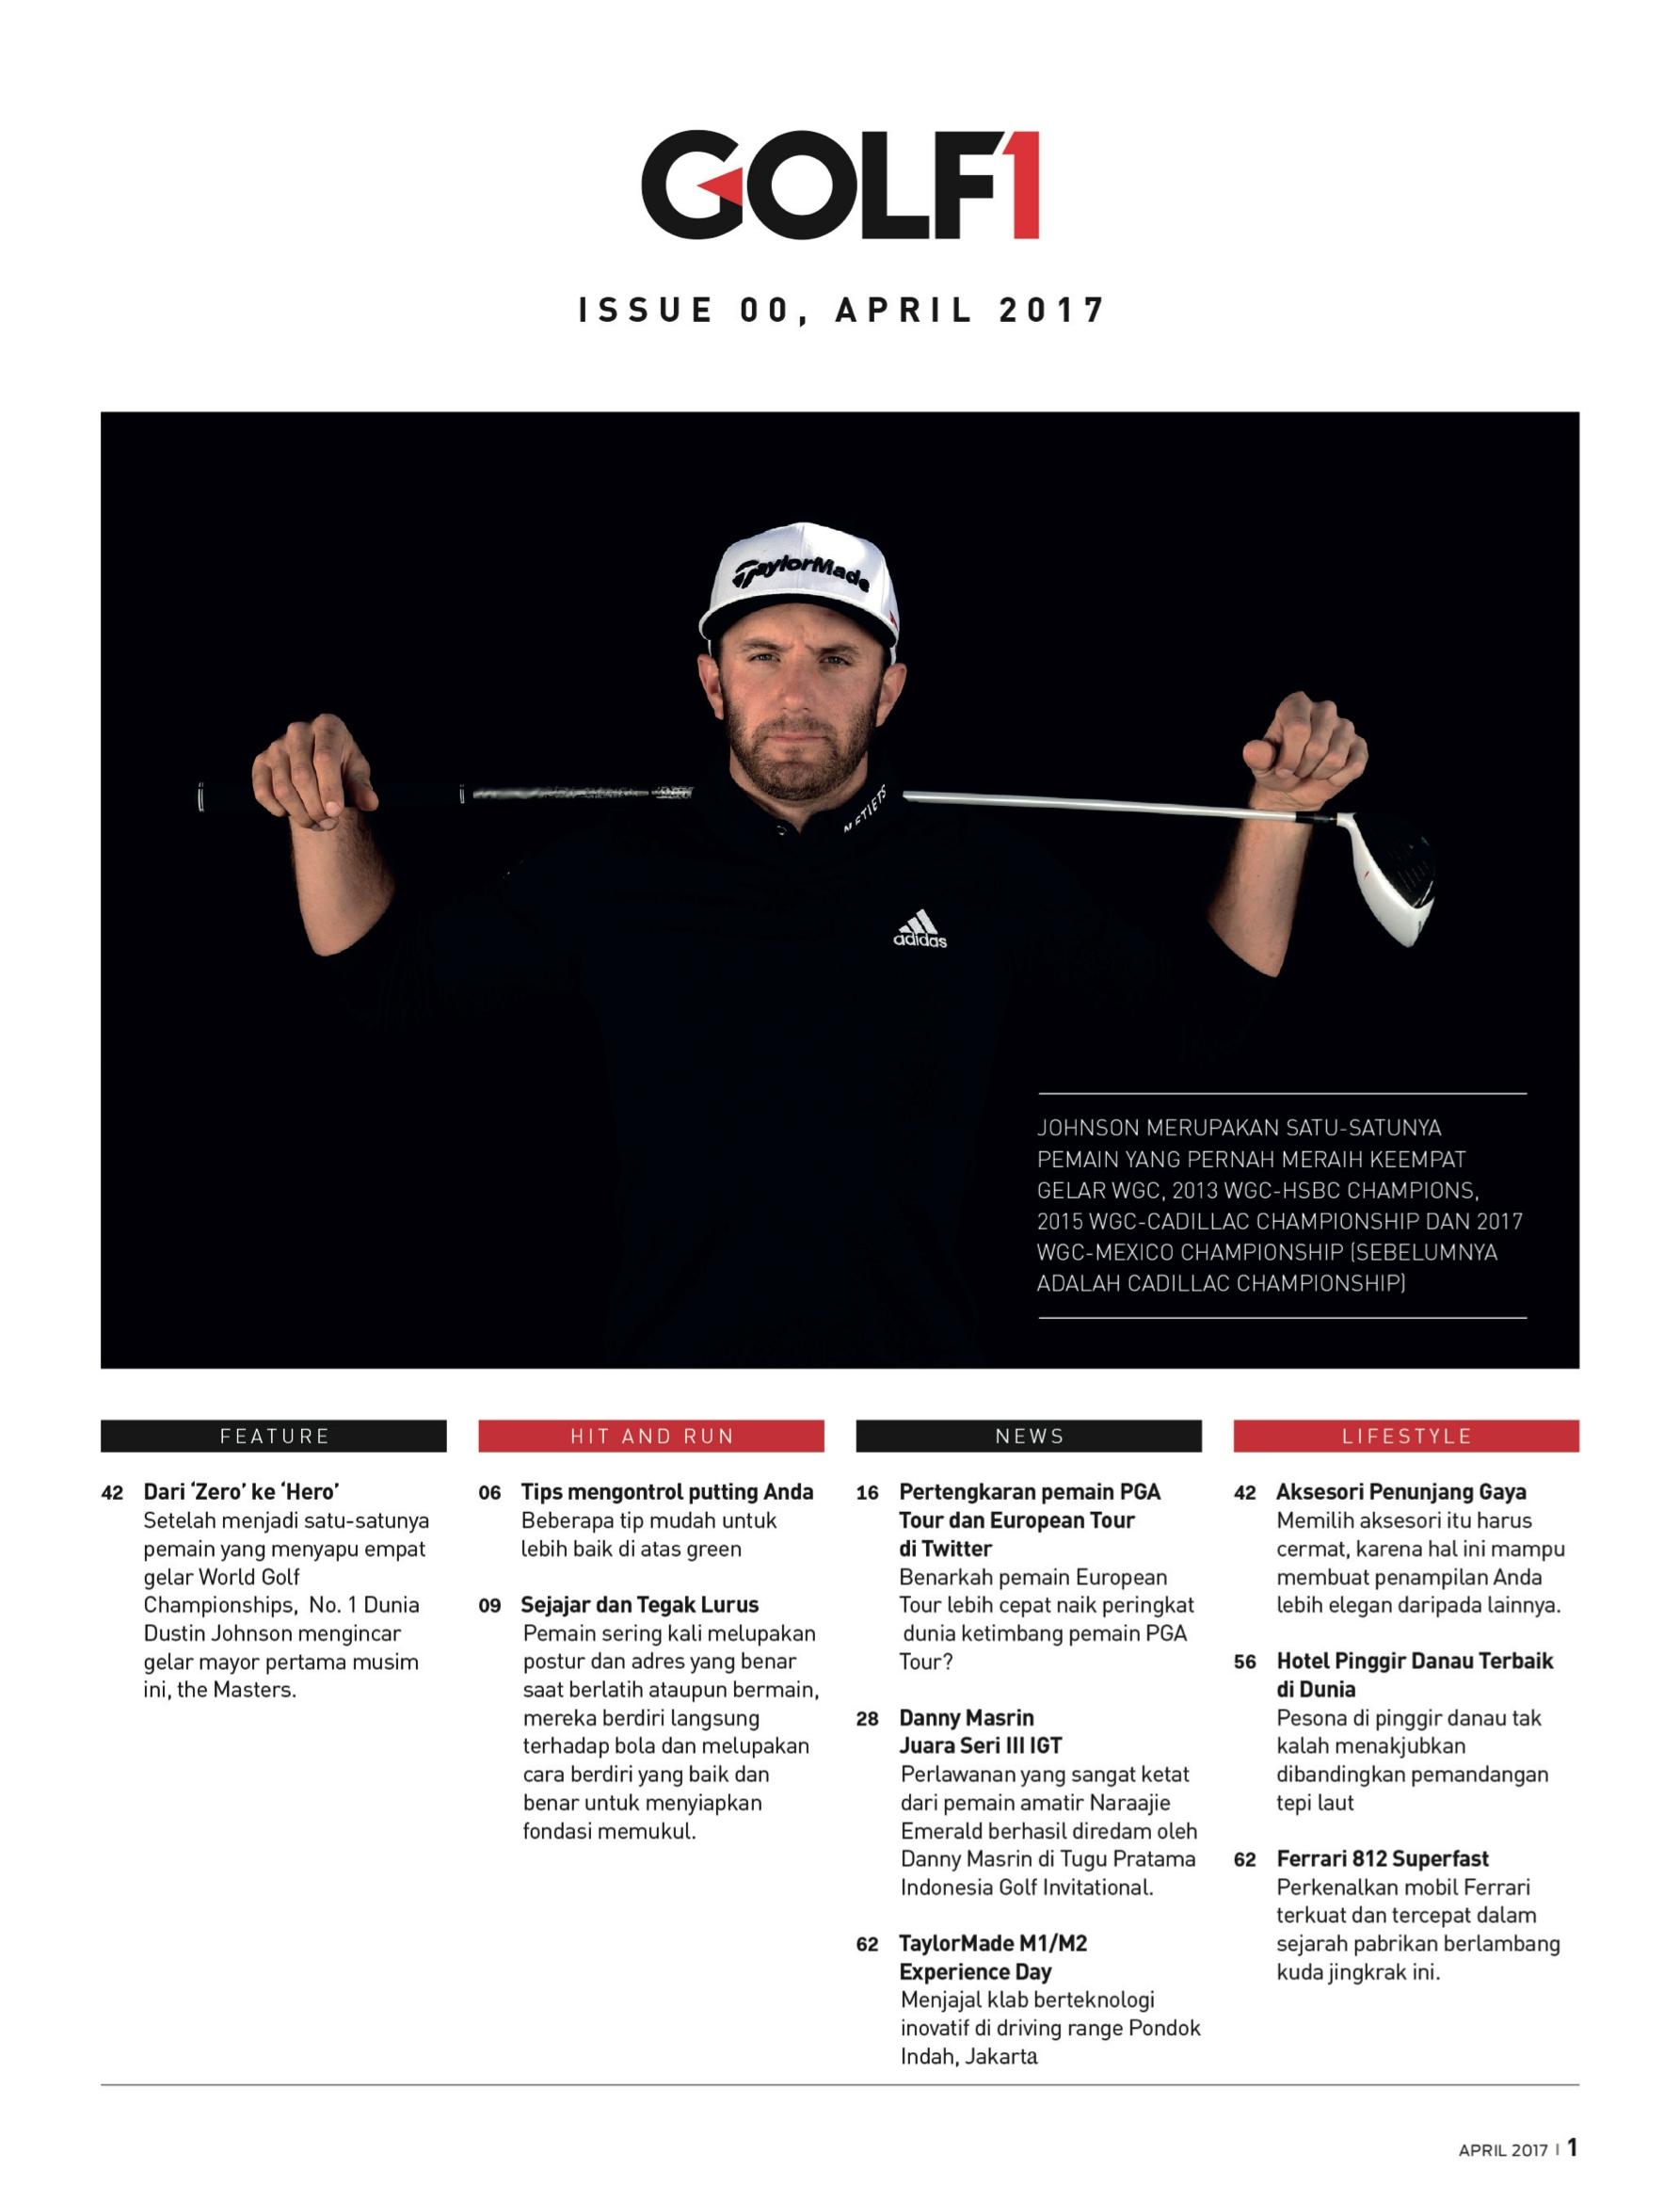 Cara Memukul Bola Golf Yang Benar : memukul, benar, Golf1.indd